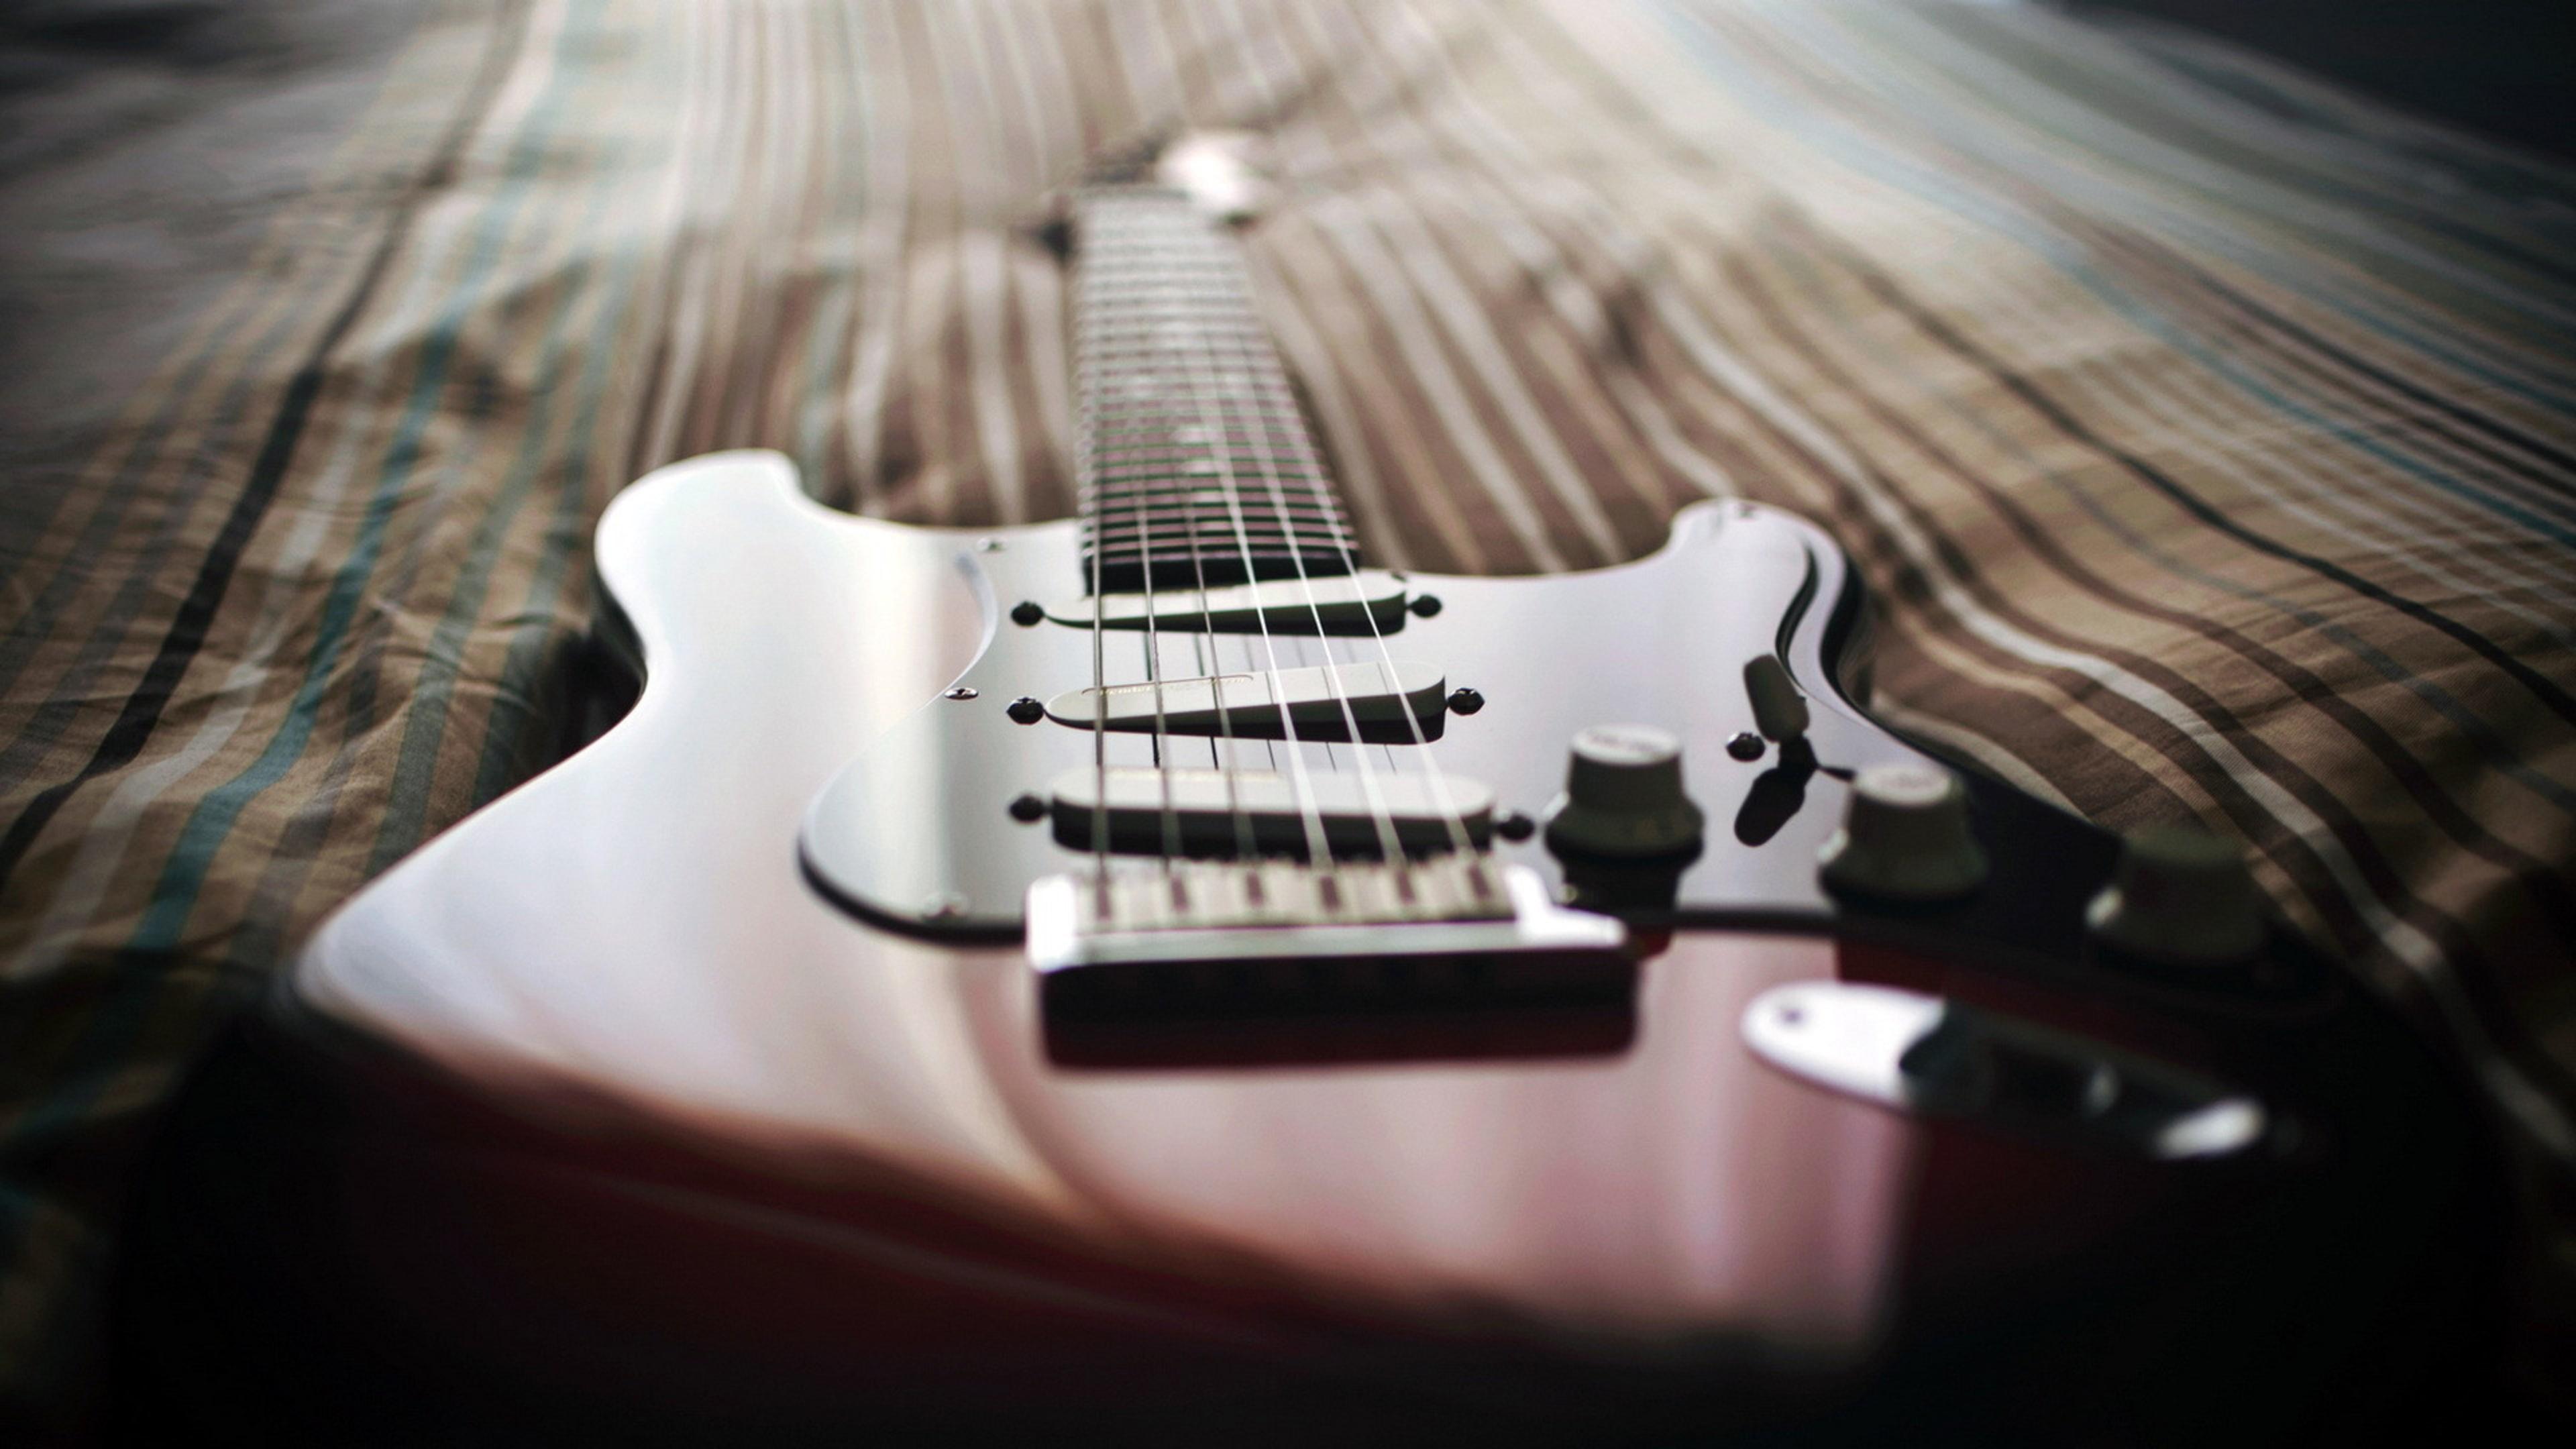 Картинка: Гитара, струны, одеяло, лежит